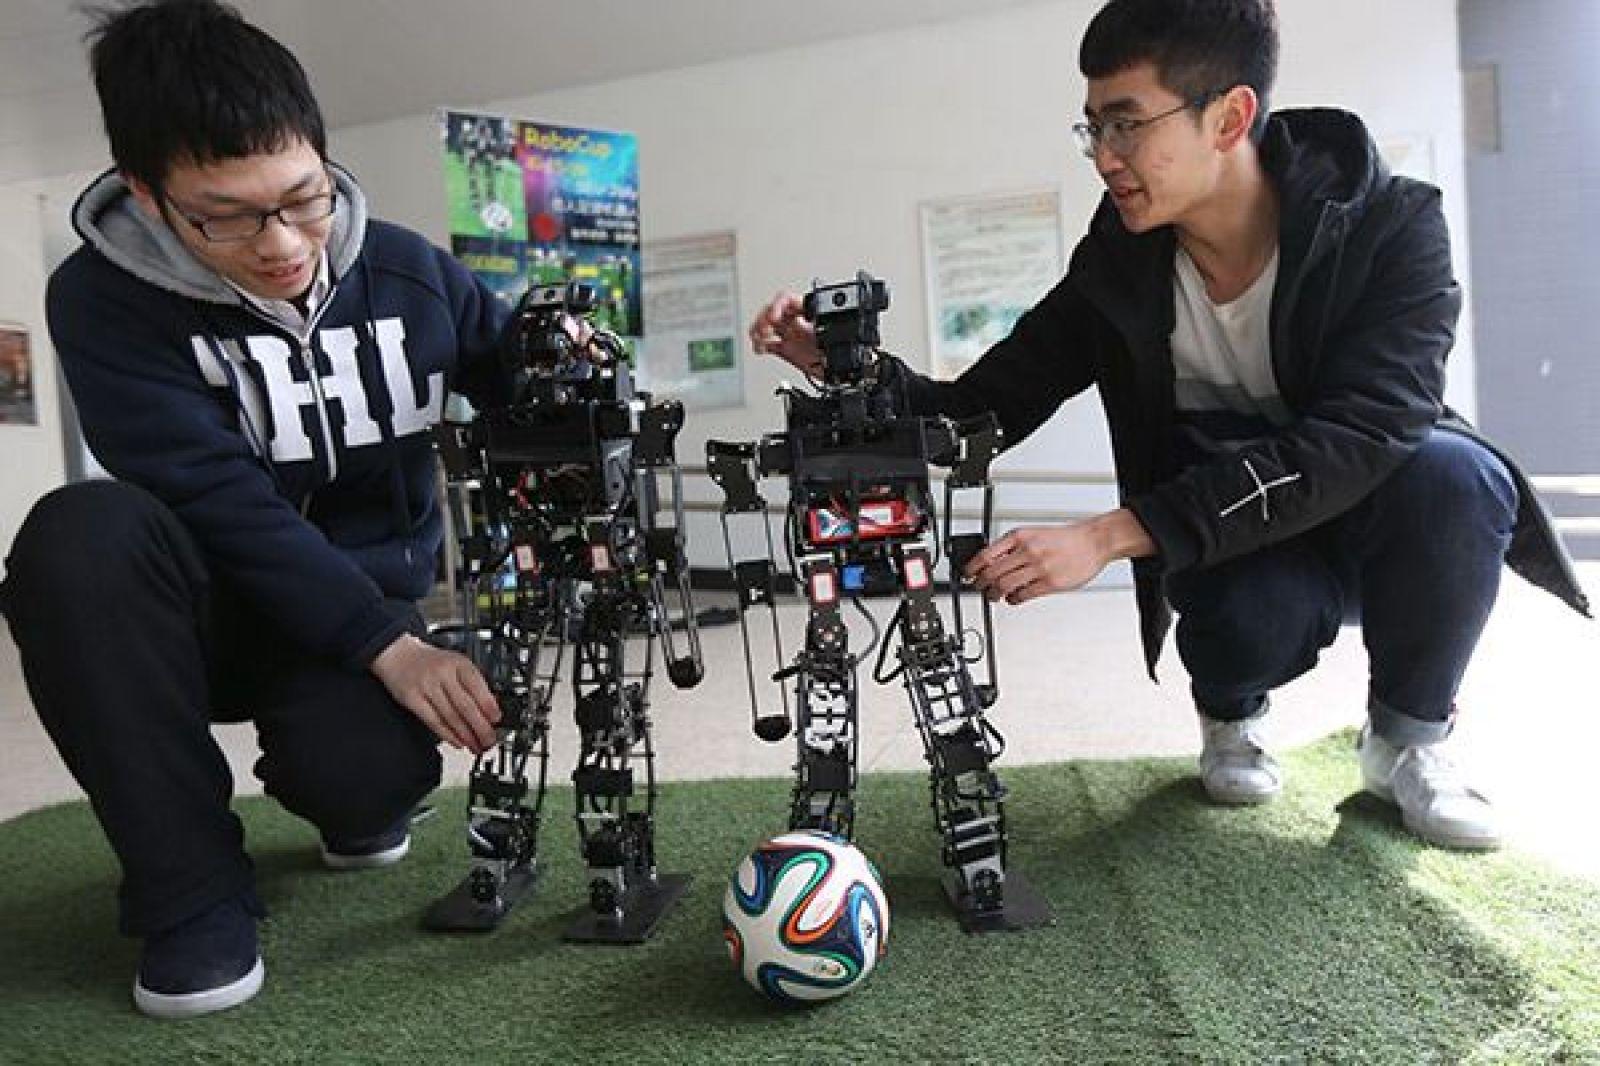 Sinh viên trình diễn rô bốt biết chơi bóng đá trong một triển lãm doanh nghiệp vào cuối tháng 12/2016 tại Trường Đại học Đông Nam ở Nam Kinh, tỉnh Giang Tô, Trung Quốc. (Ảnh: China News Service)